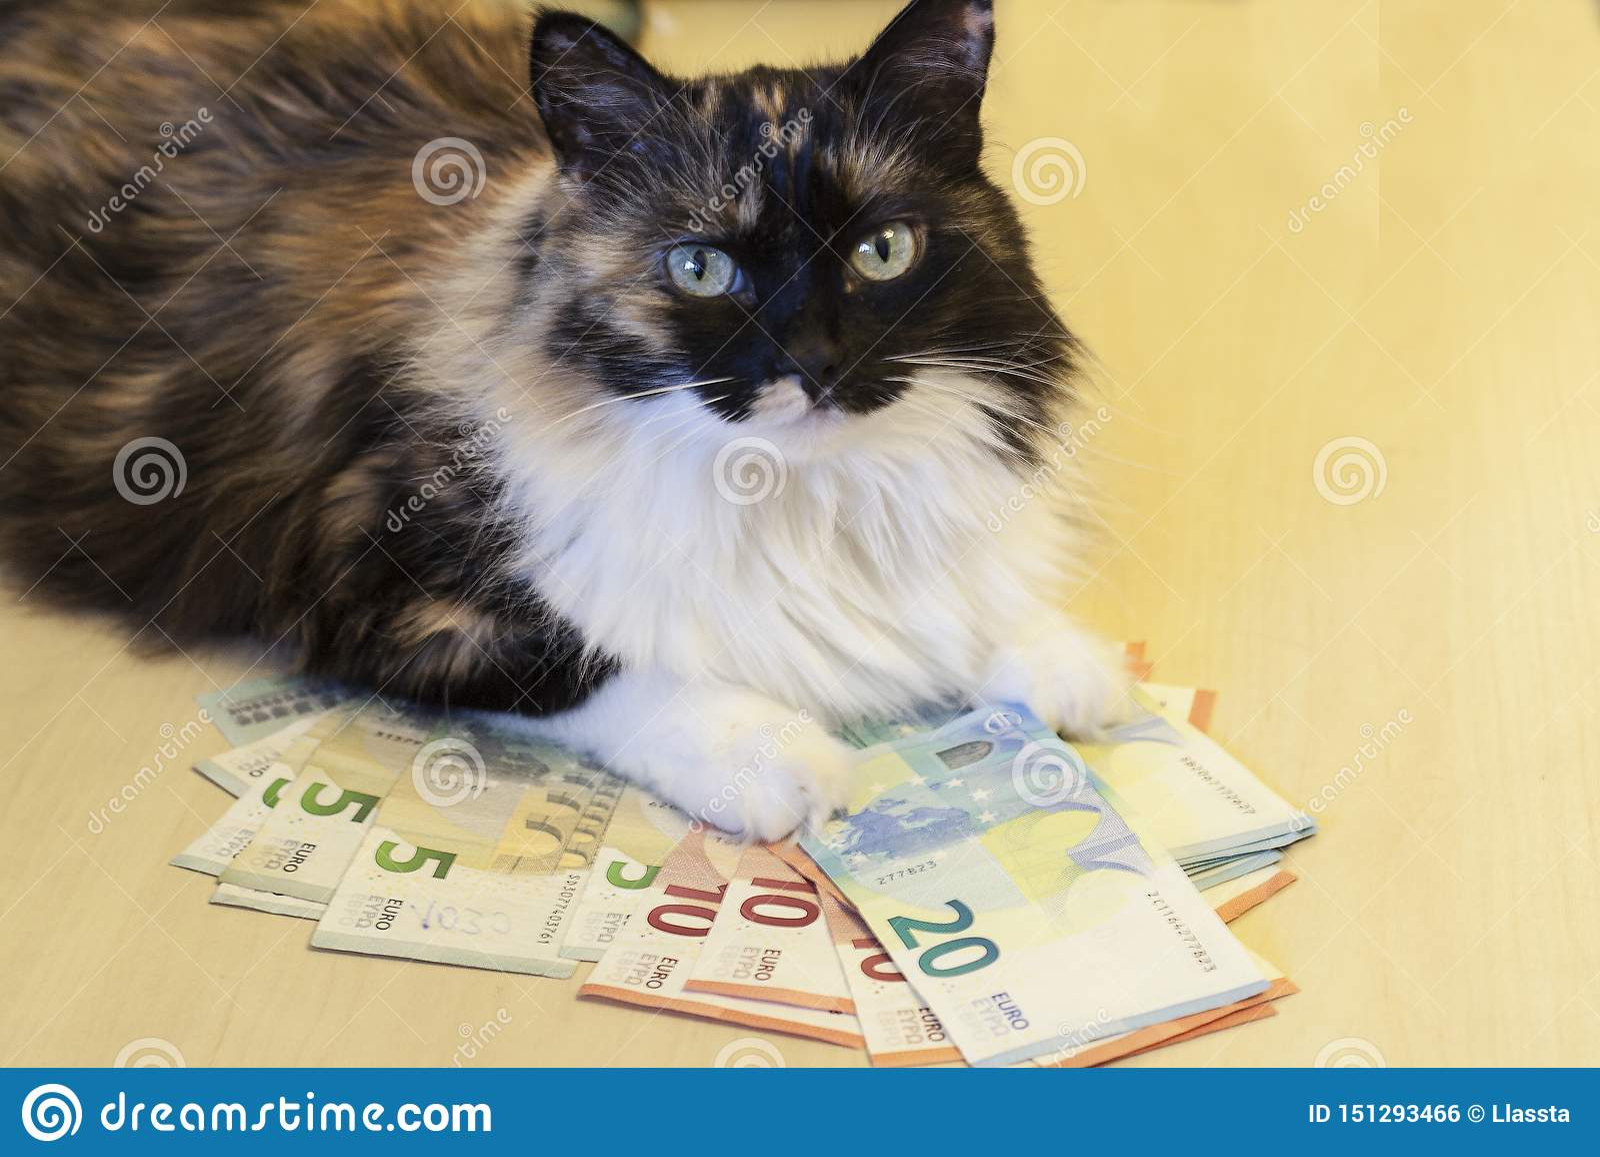 Кот лежит на деньгах